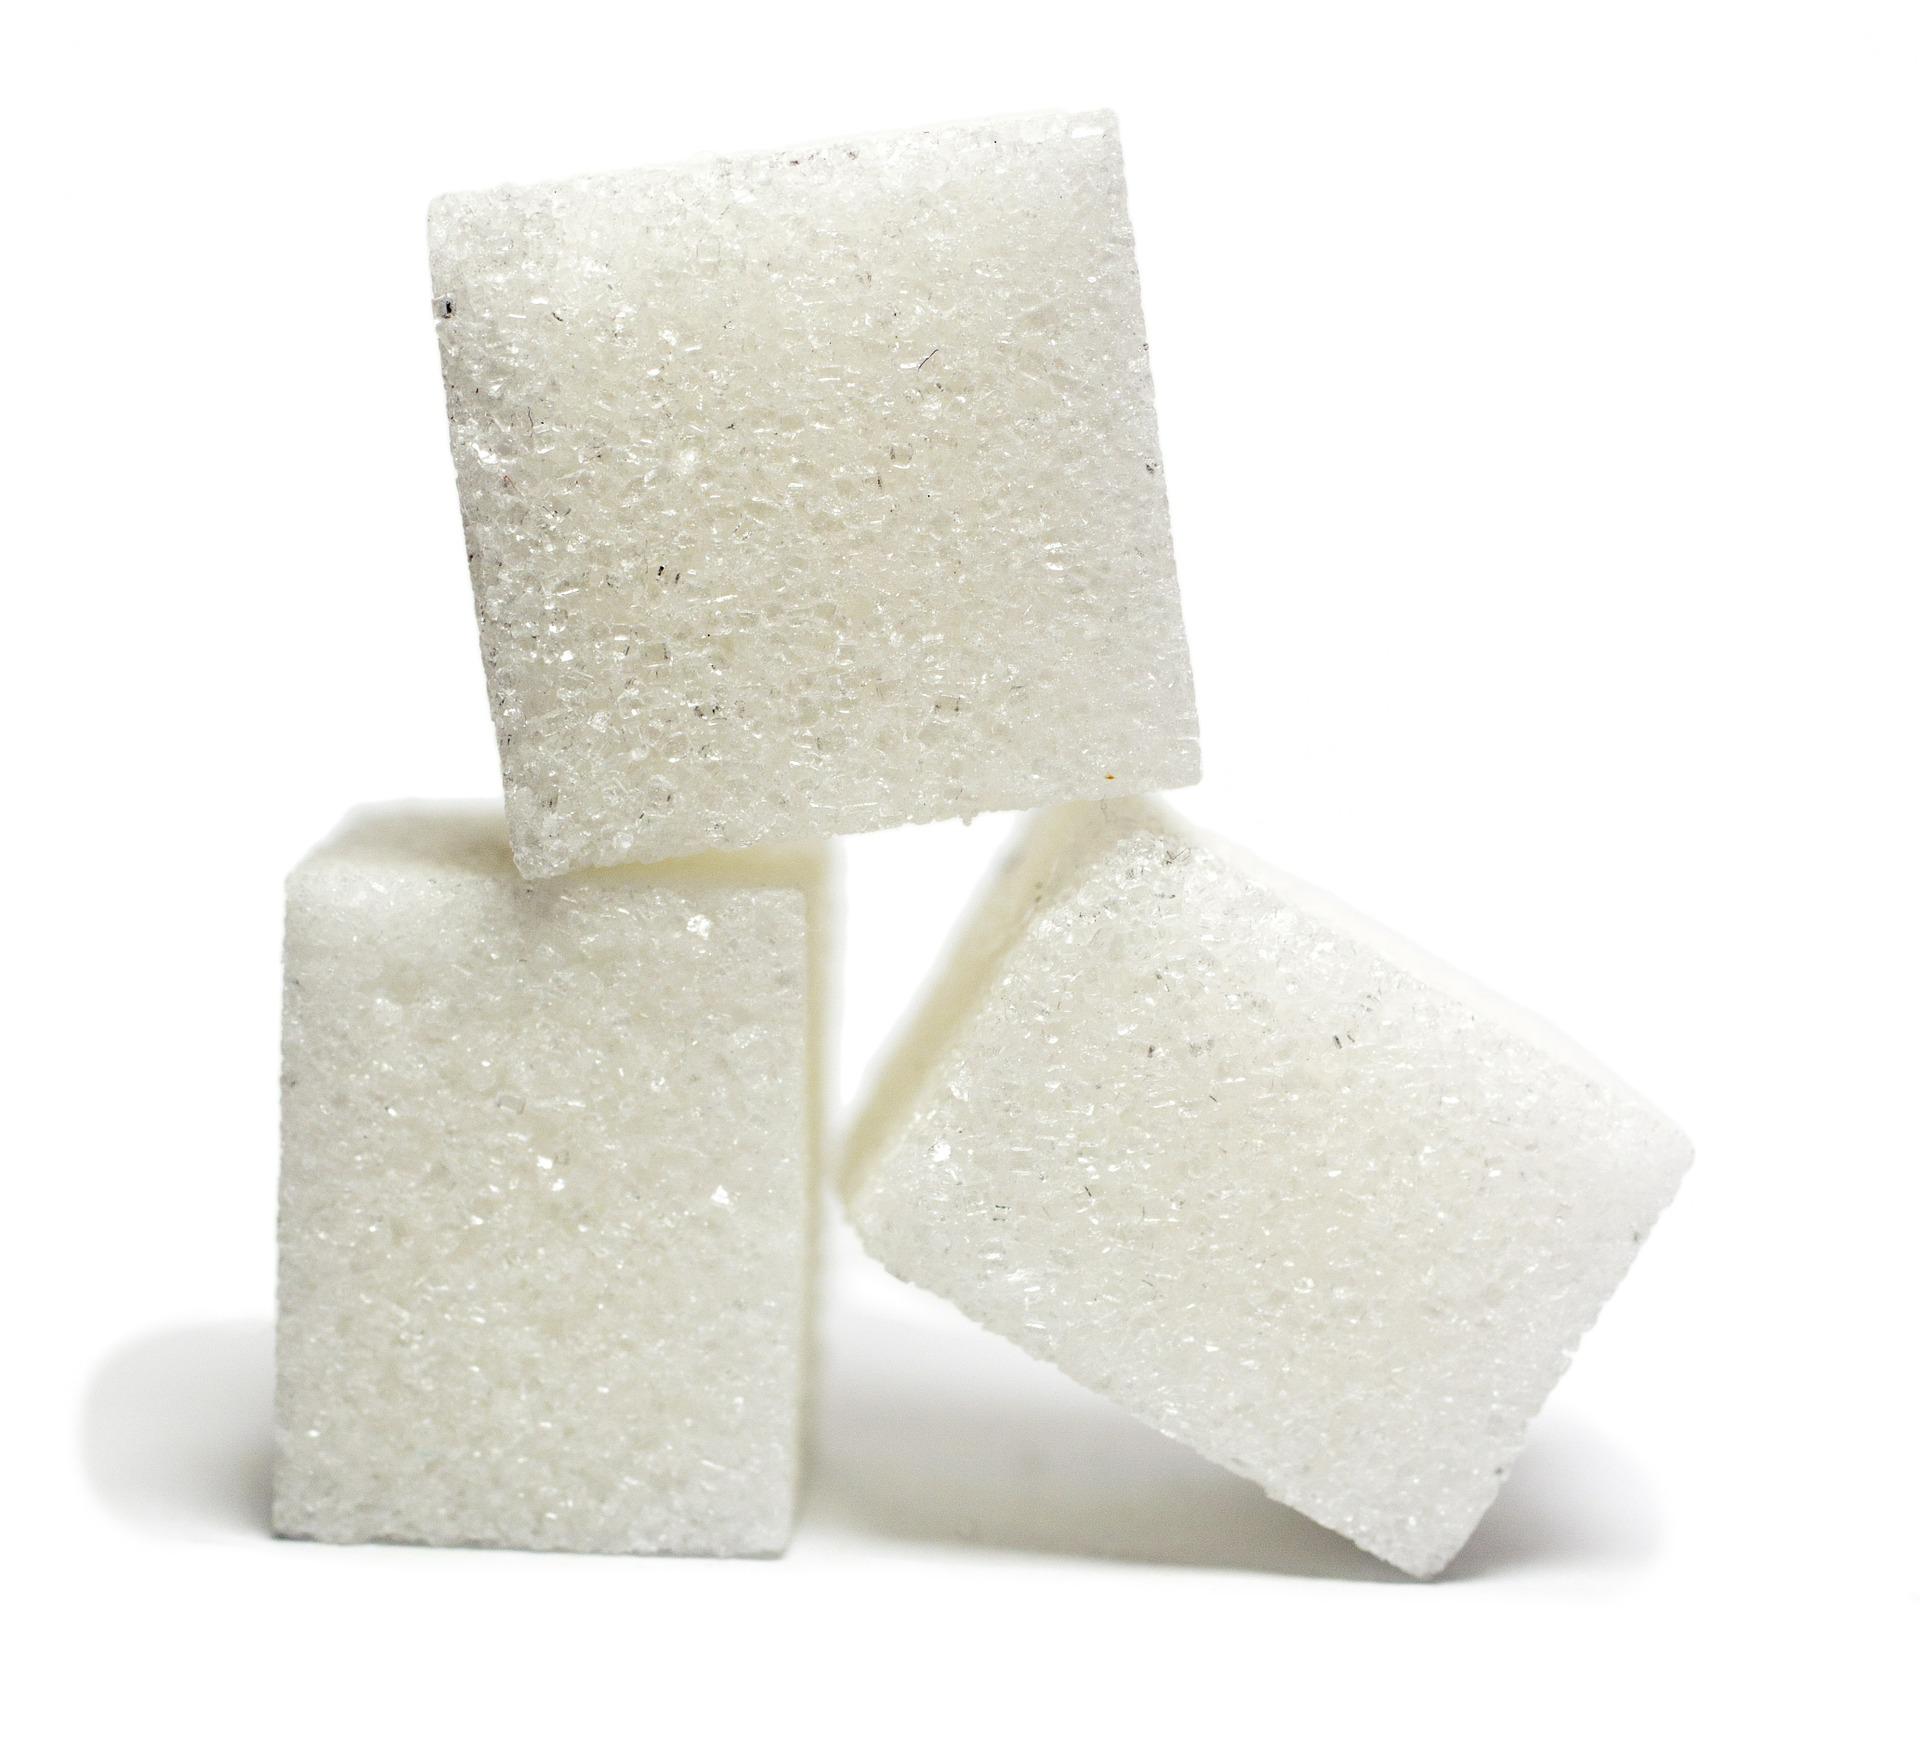 Sklepy promują coraz więcej cukru i obniżają ceny. Będzie jeszcze taniej?